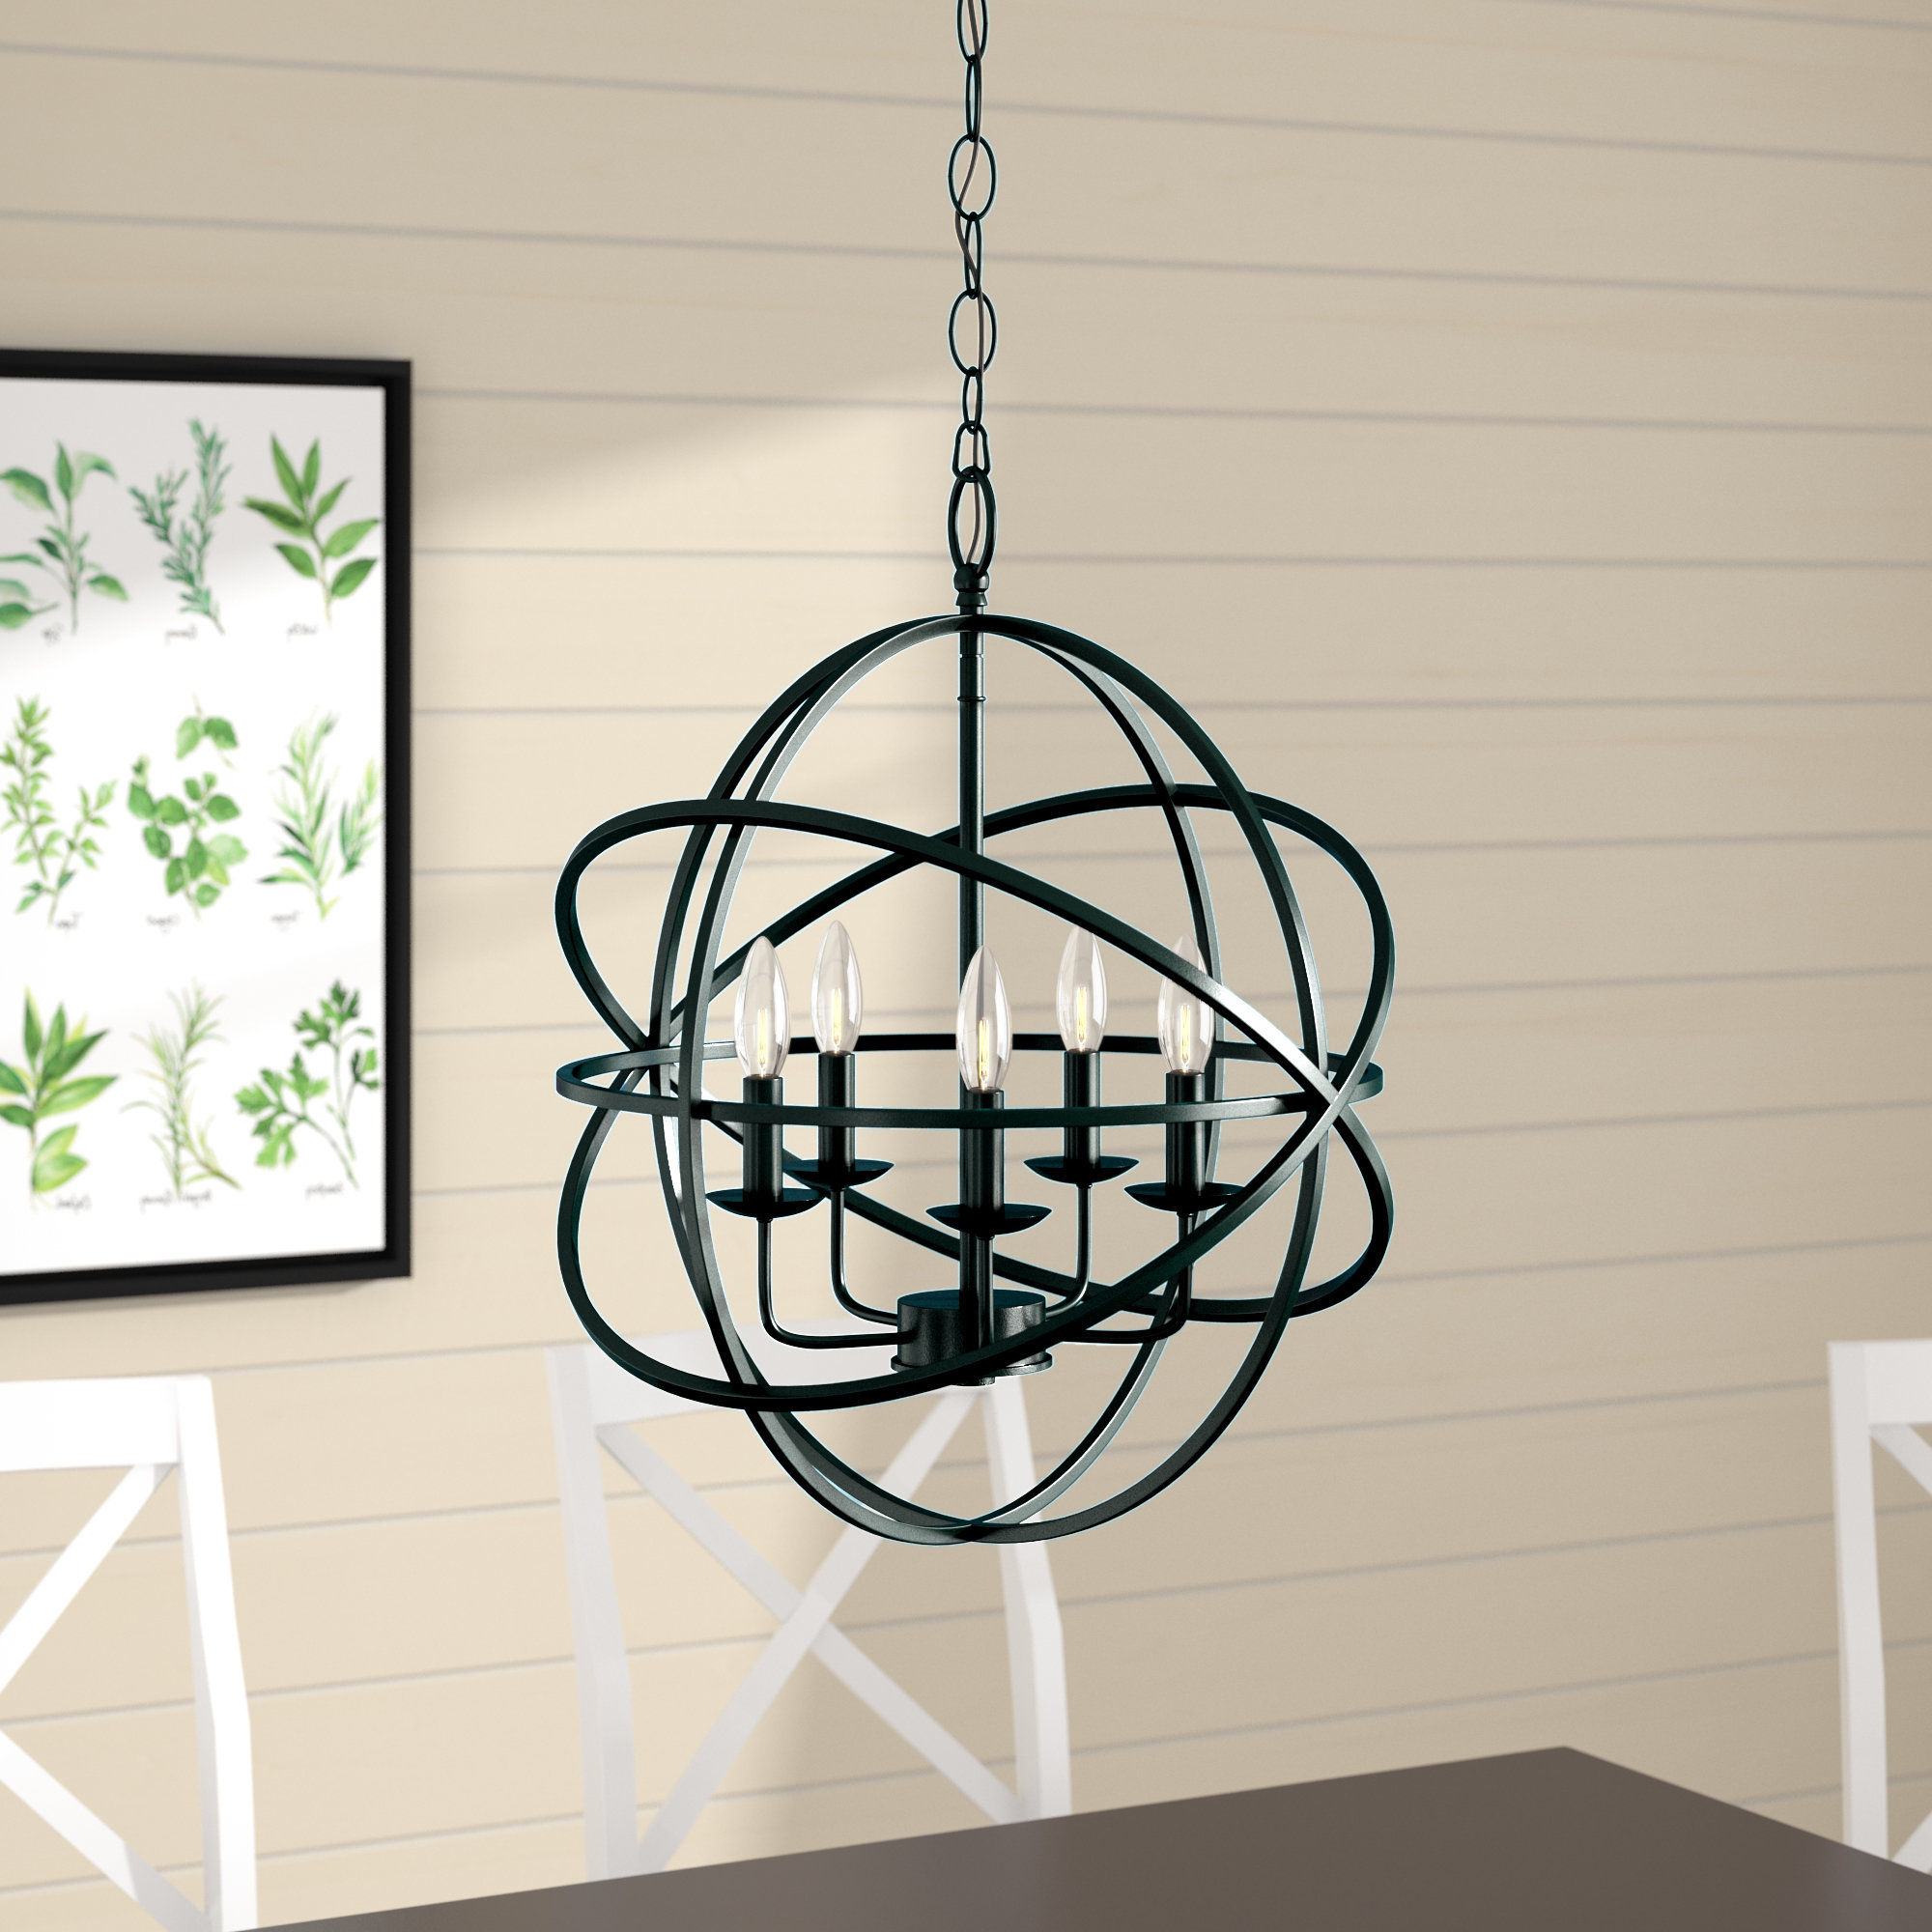 Waldron 5 Light Globe Chandeliers For Favorite Hankinson 5 Light Globe Chandelier (View 12 of 20)